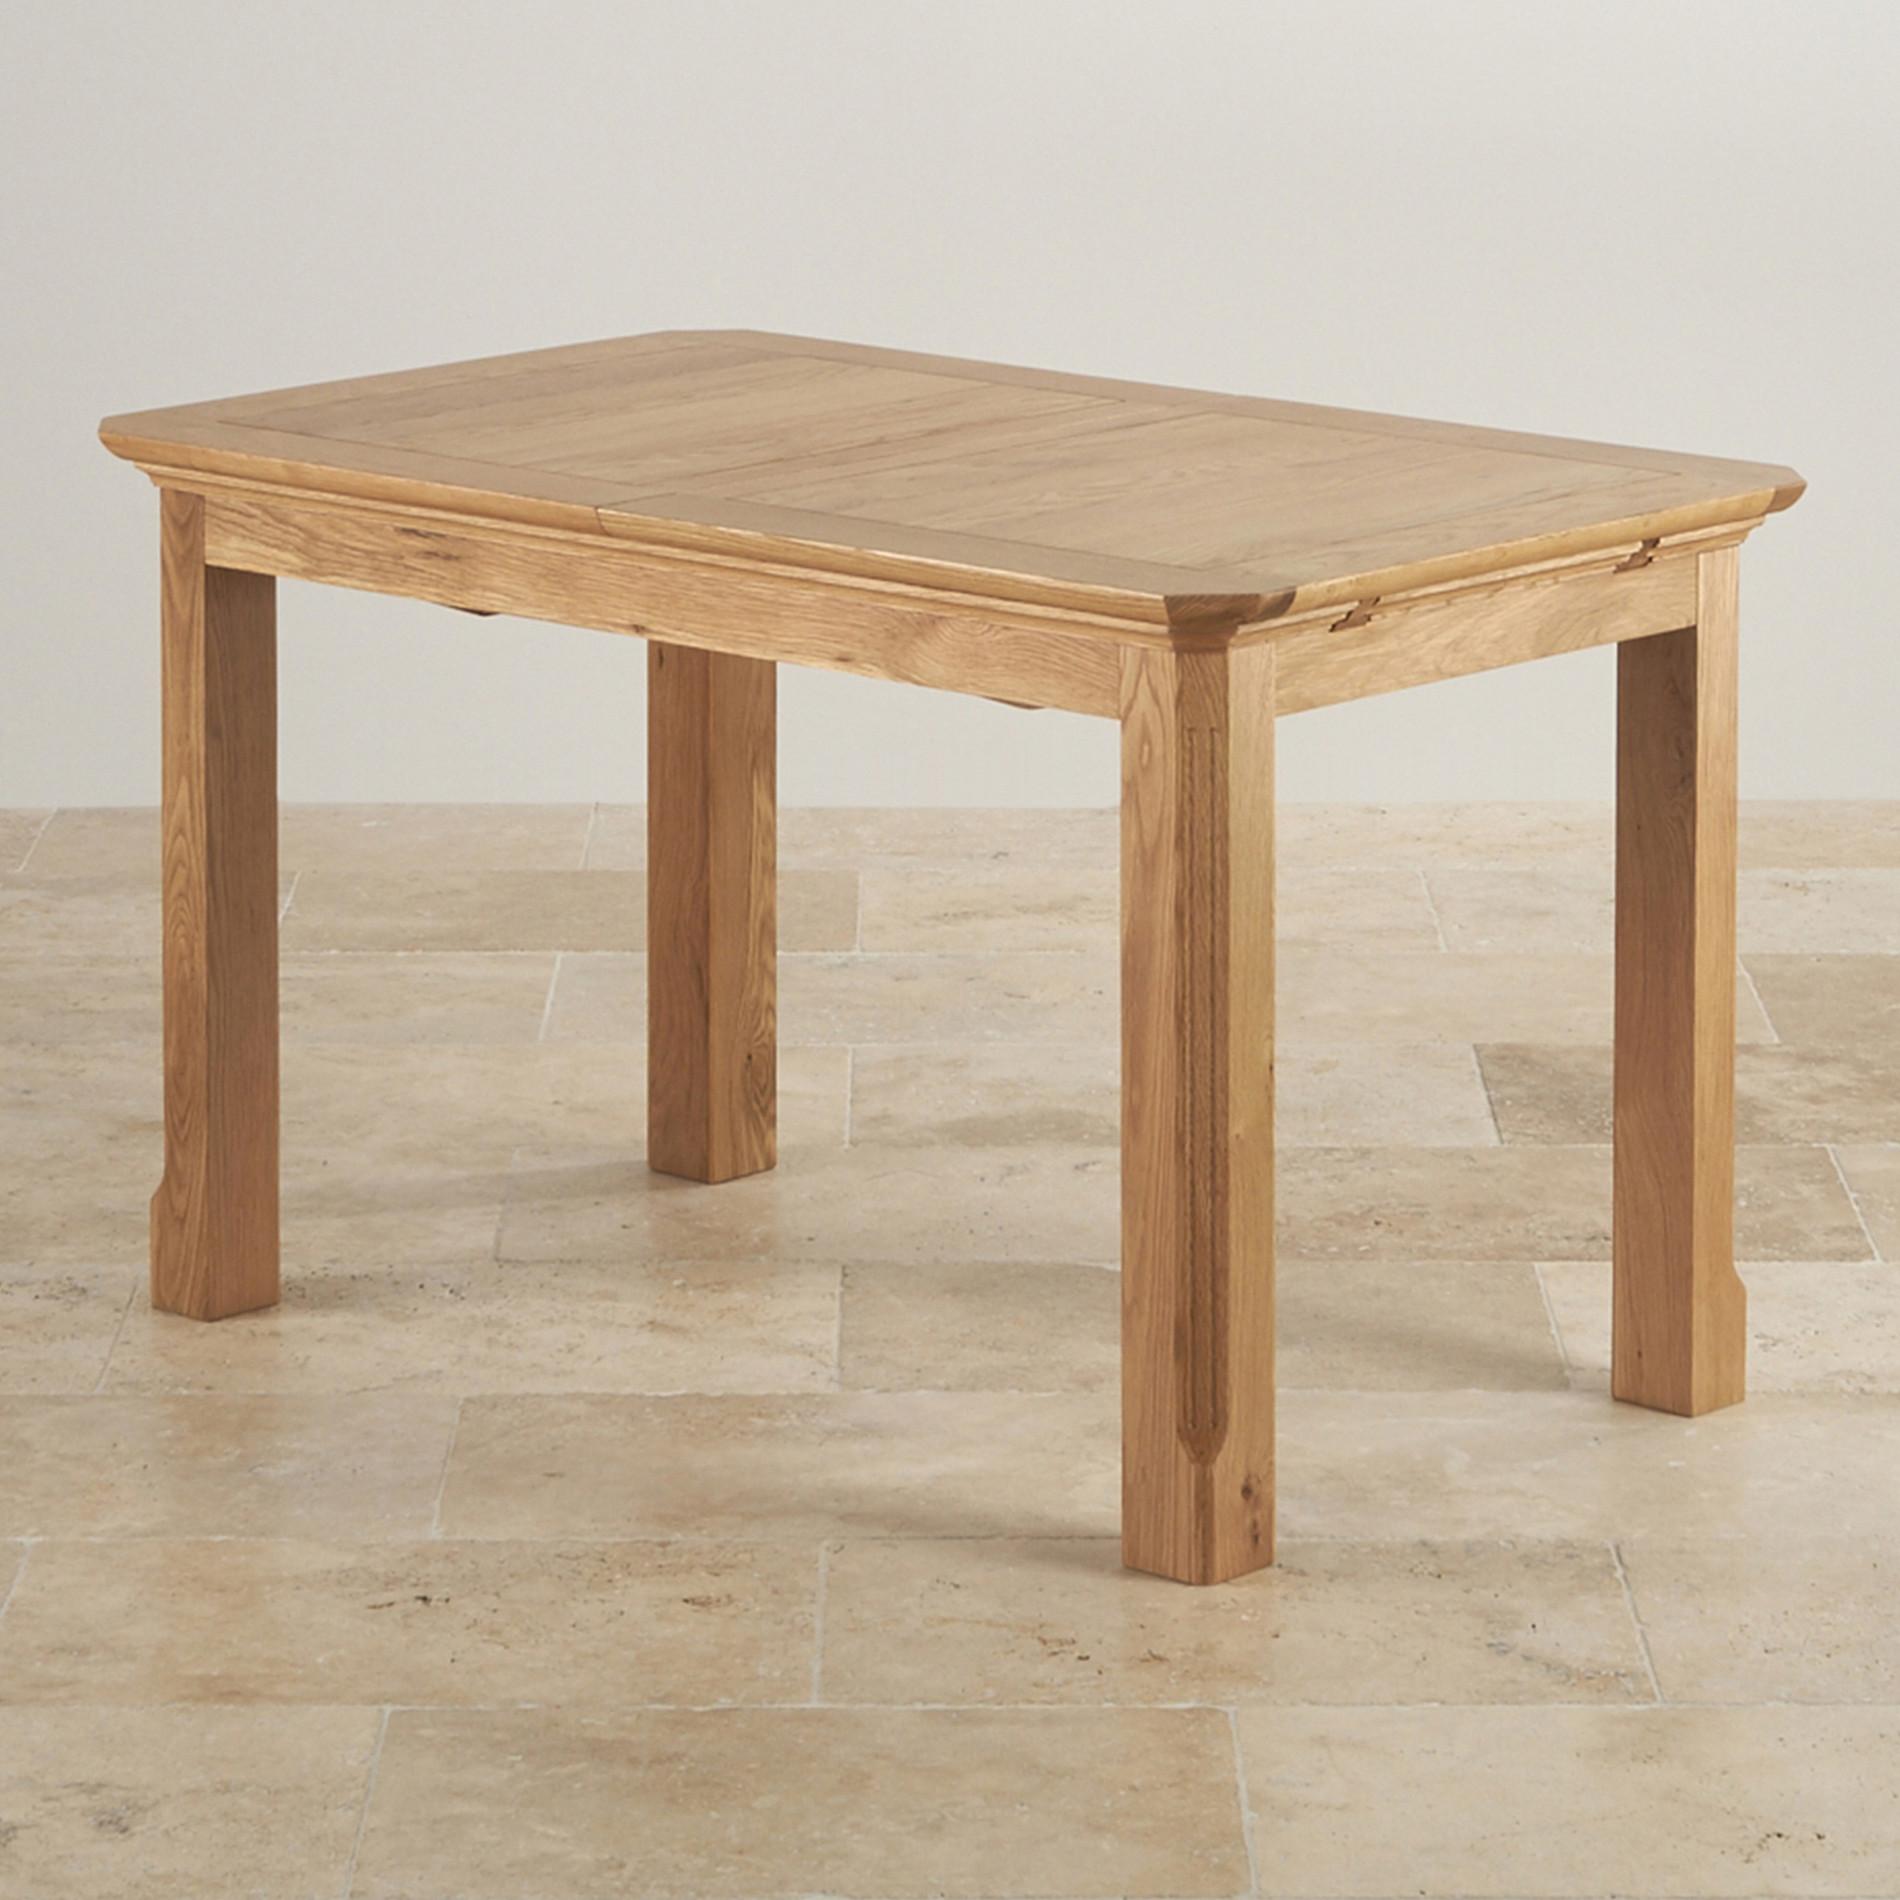 Edinburgh Natural Oak 4ft 3 X 3ft Extending Dining Table